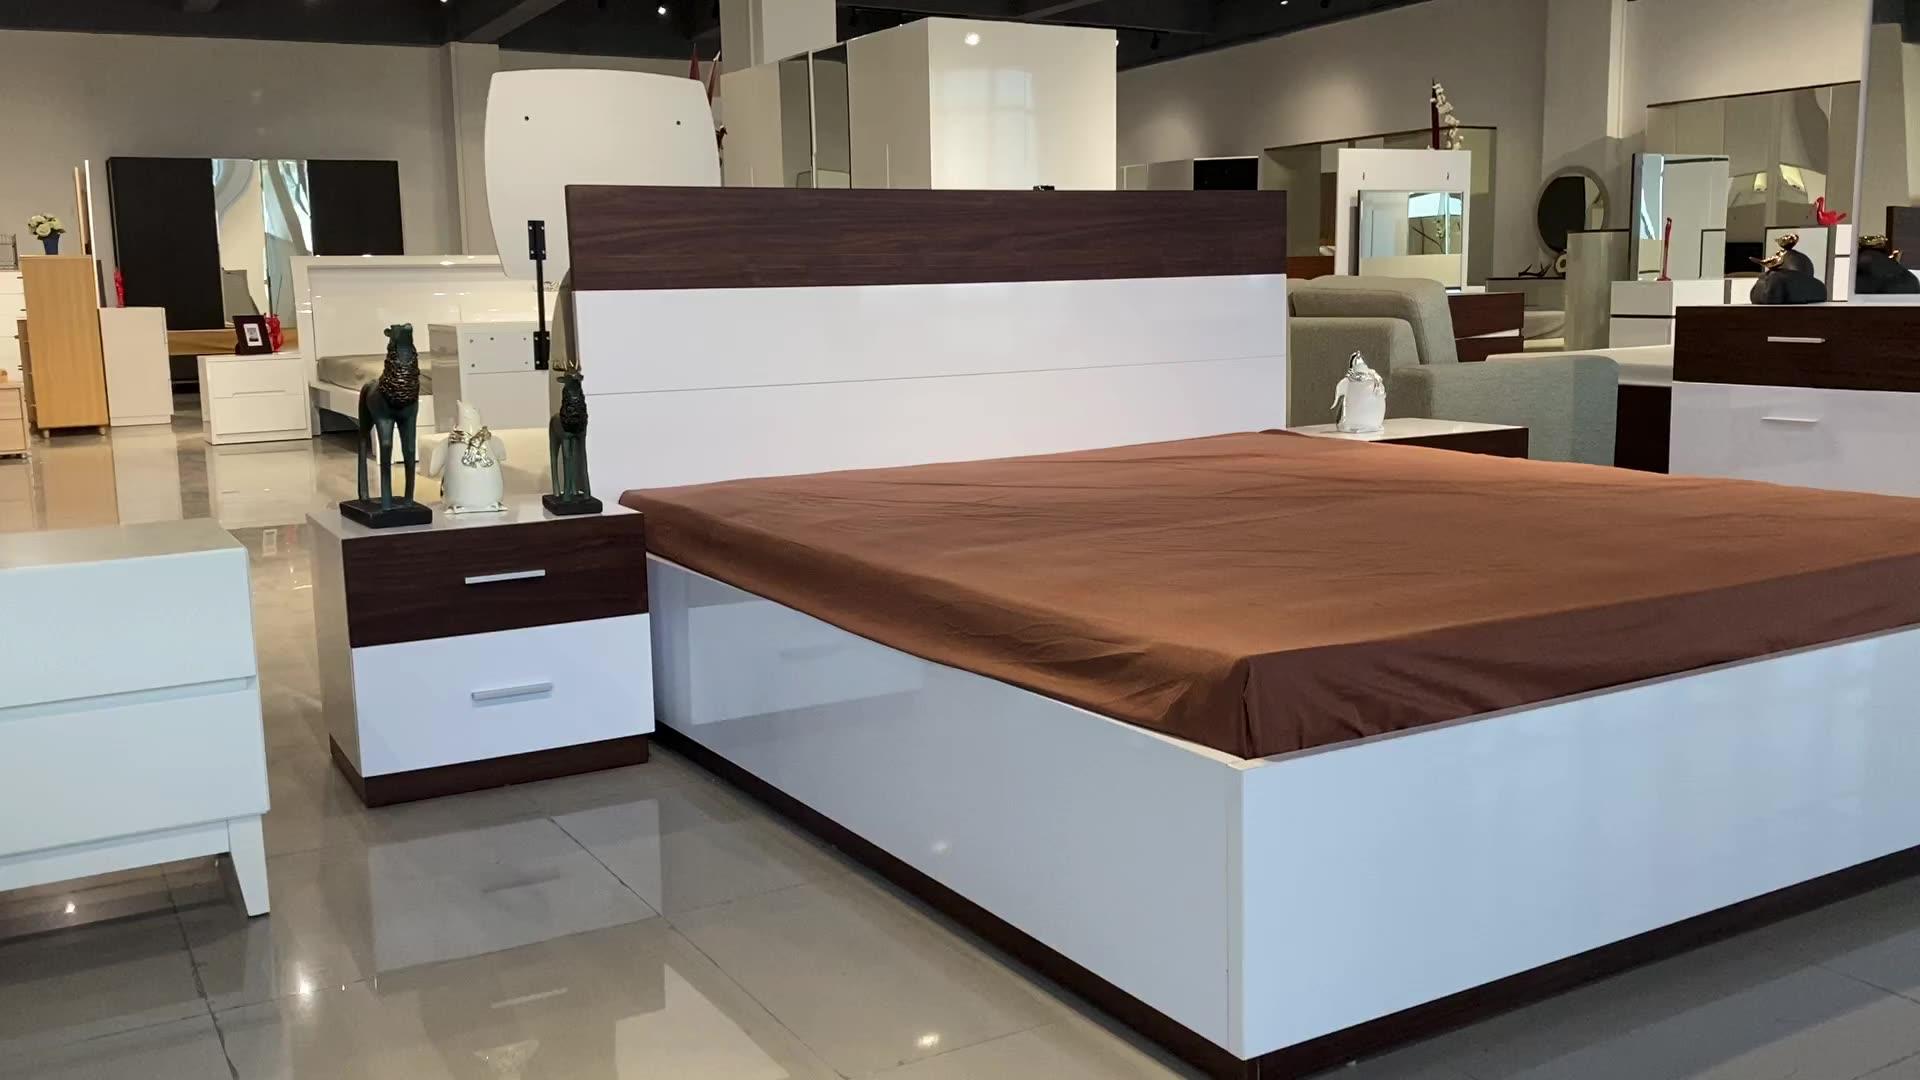 أثاث غرفة نوم رائجة البيع MCAA003 مجموعات غرفة نوم الميلامين مع سرير ملكي